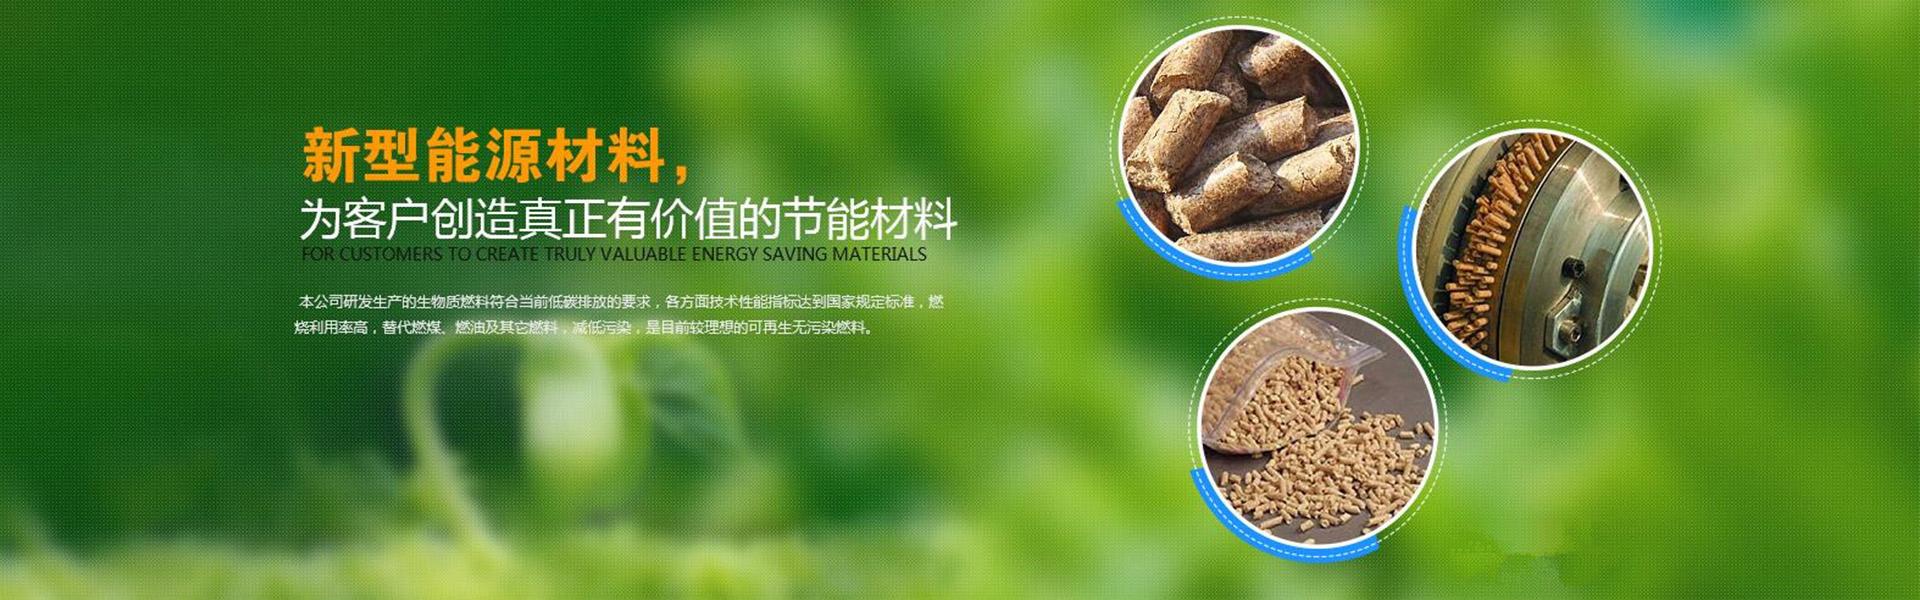 贵州生物亚博网络娱乐网页版